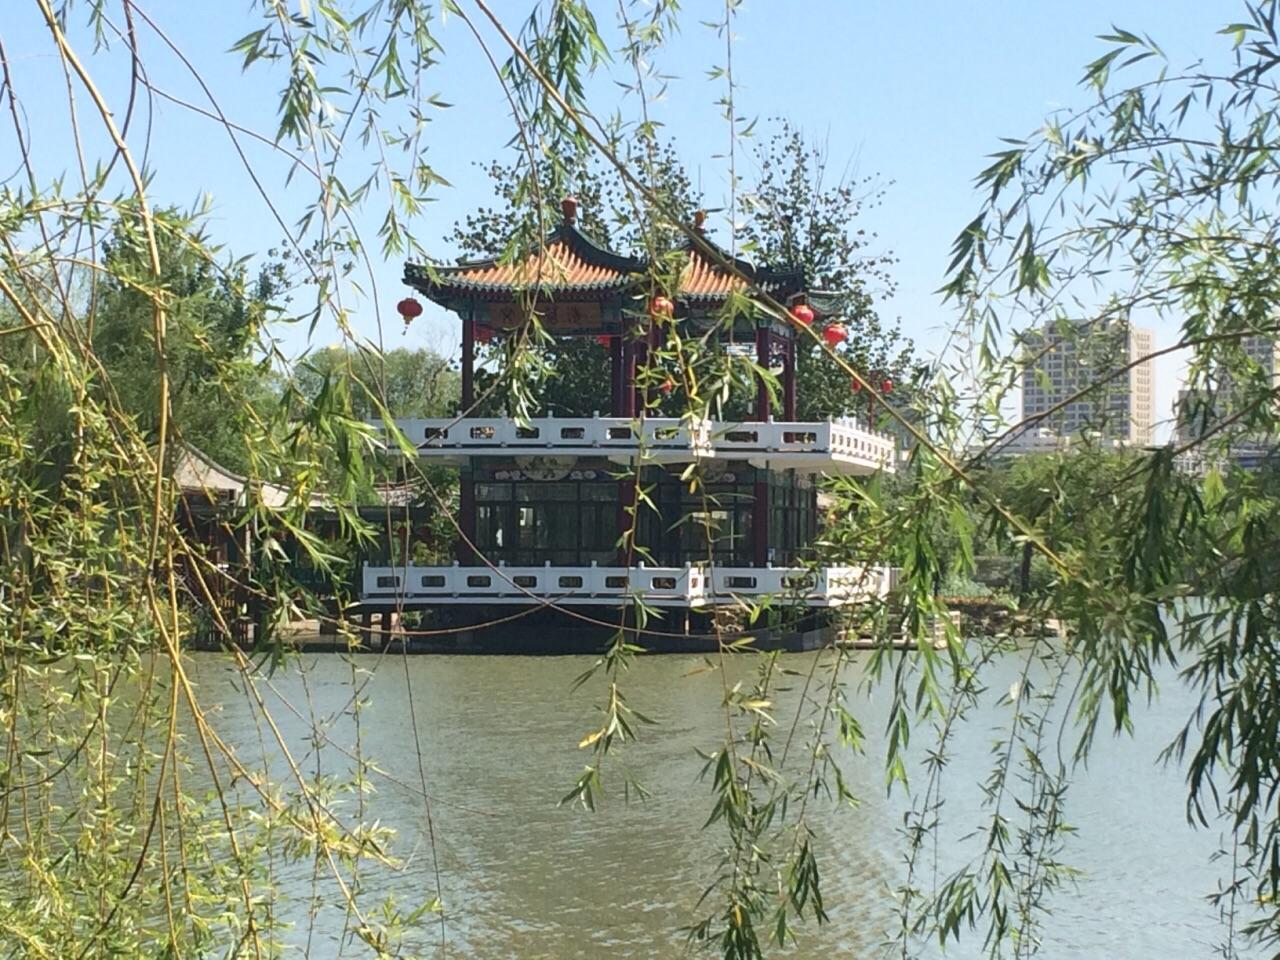 天津市内最大的公园,最南部是动物园,最北面有个游乐园.